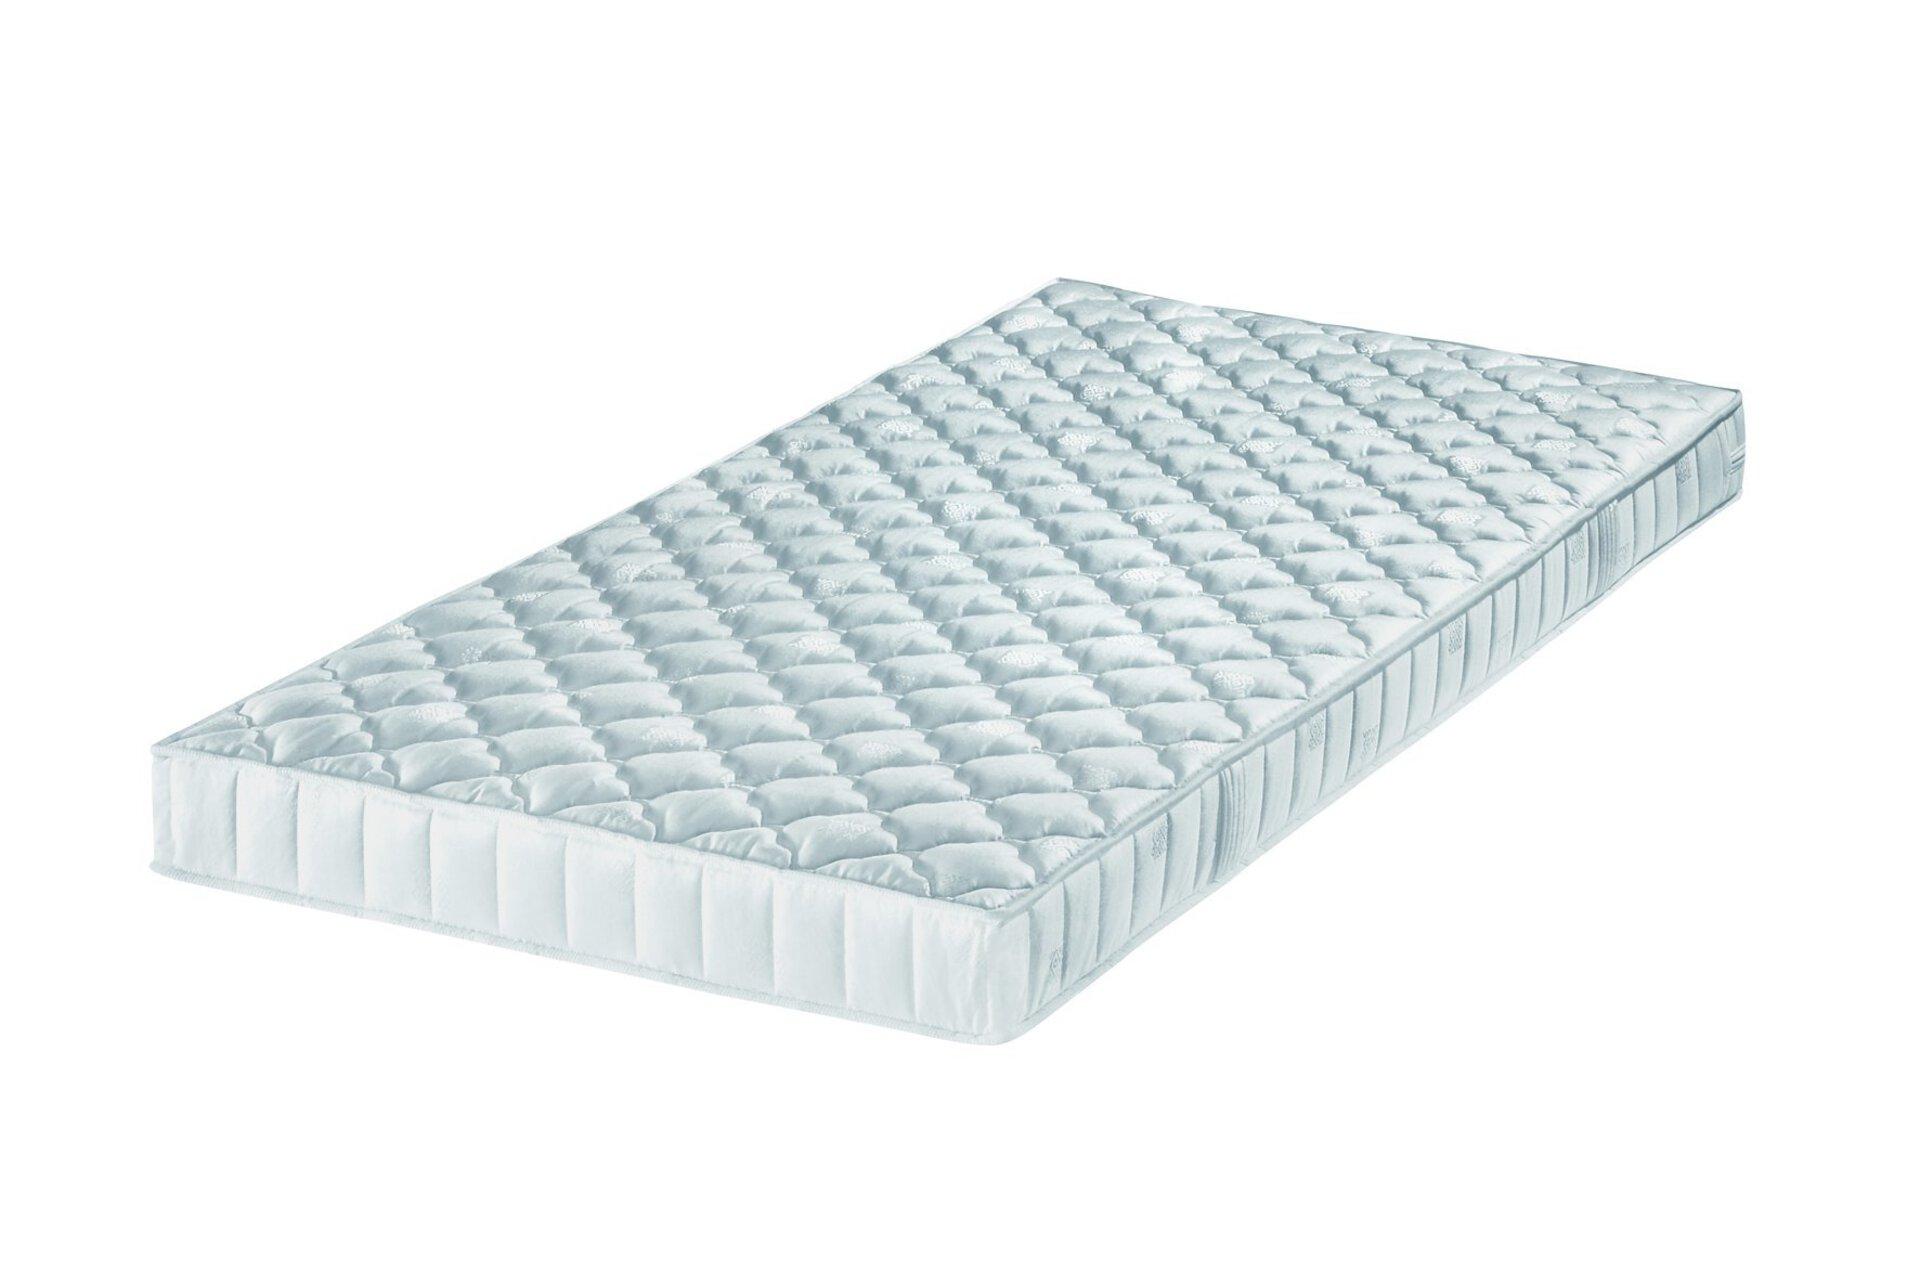 Kaltschaummatratze EURO AIR Breckle Textil weiß 200 x 12 x 90 cm